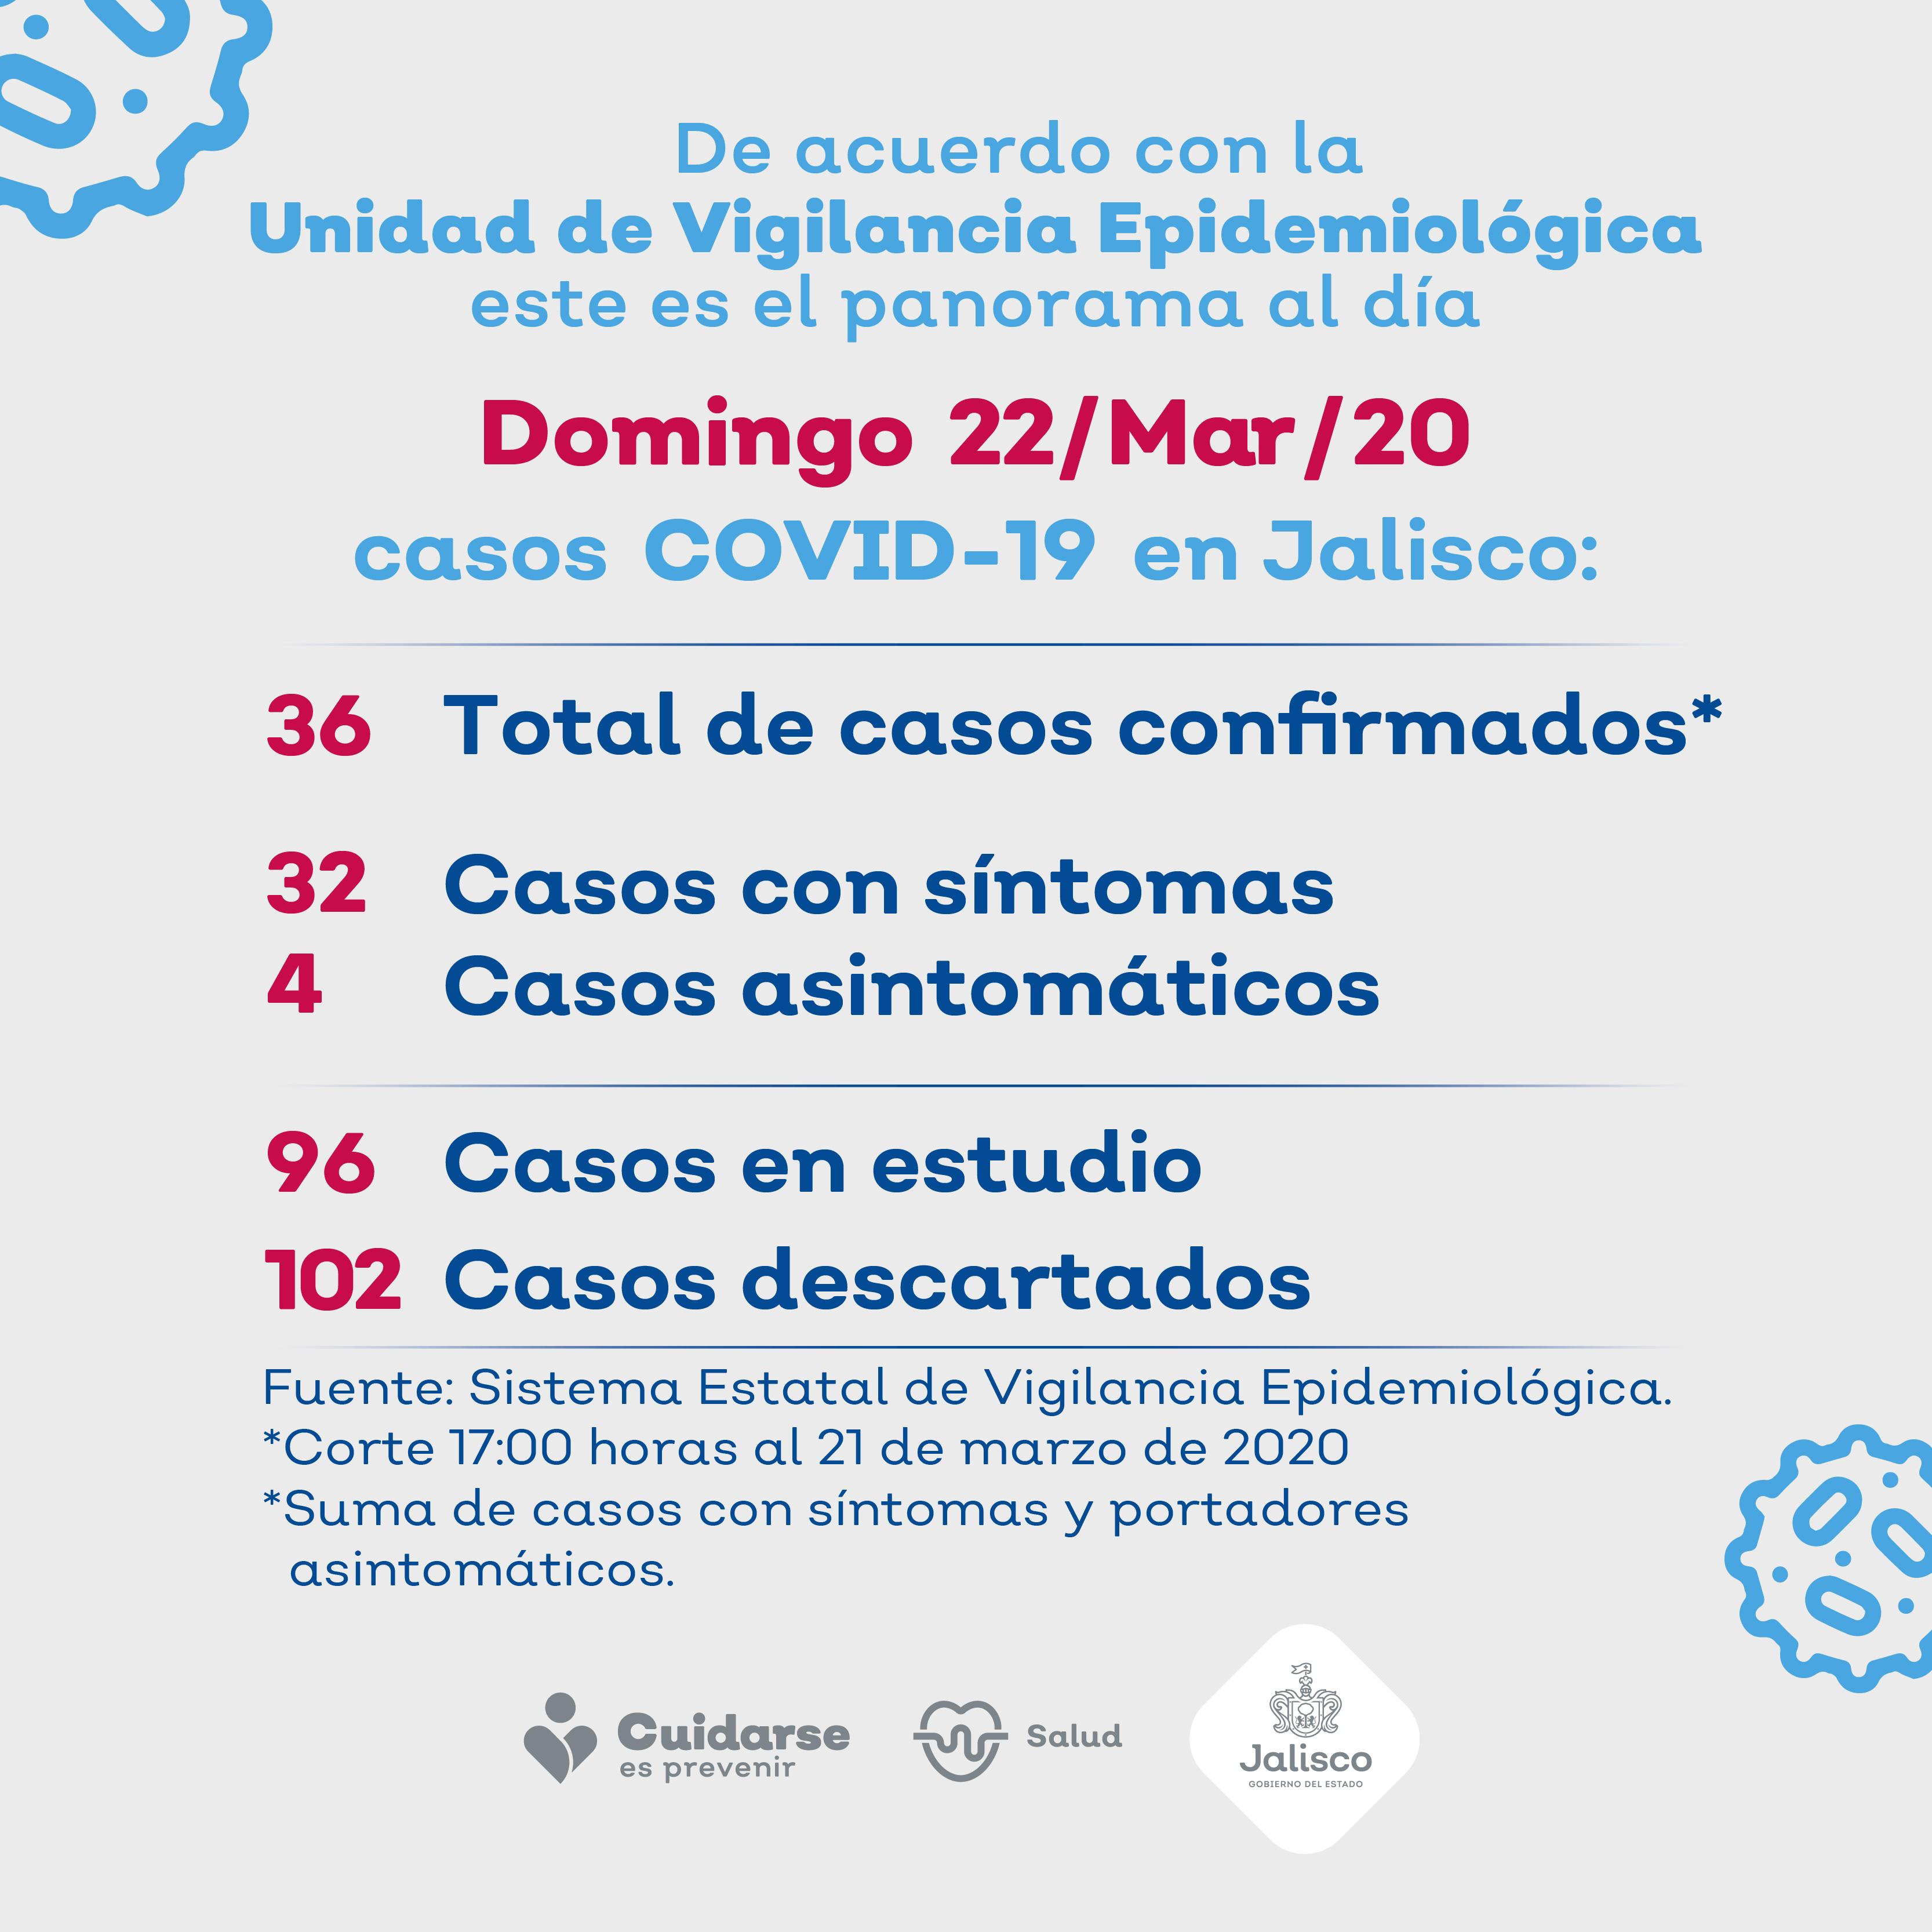 Jalisco notifica cuatro nuevos casos de COVID-19